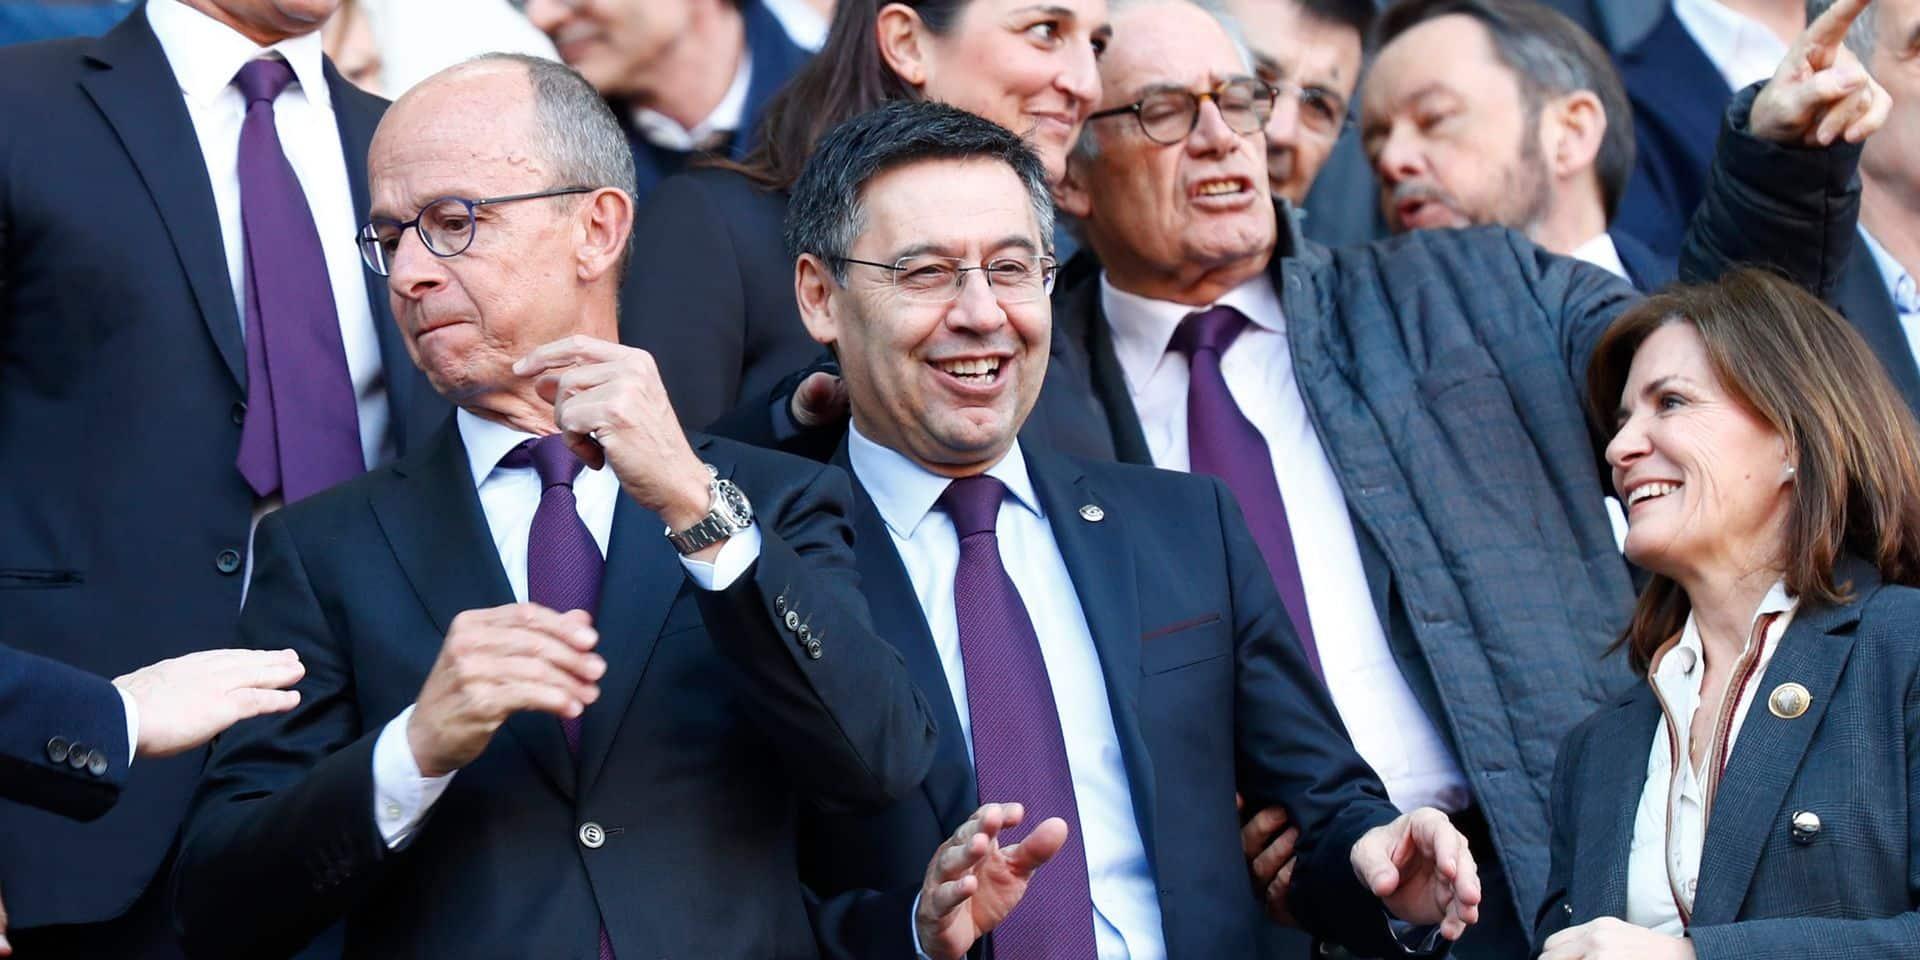 Opération de police au siège du FC Barcelone: l'ancien président Bartomeu arrêté